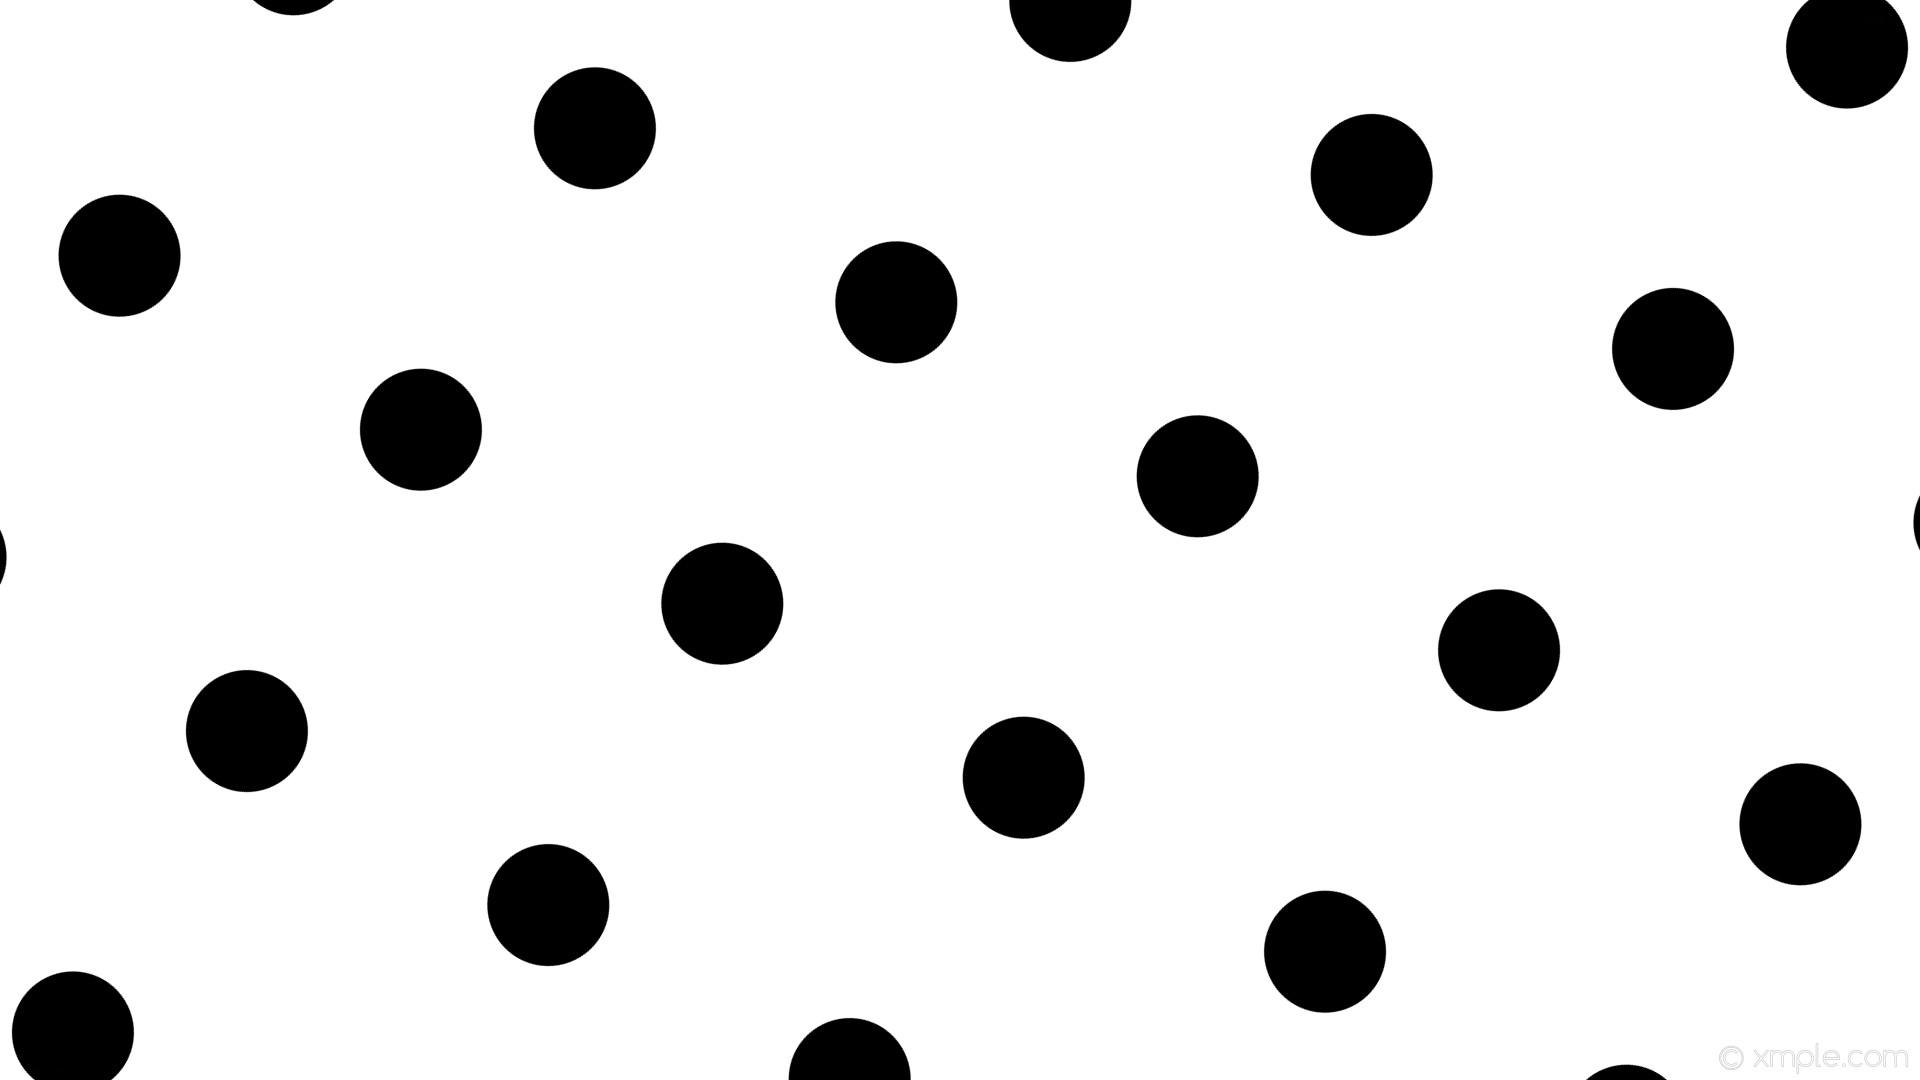 wallpaper dots white polka black spots #ffffff #000000 150° 122px 348px